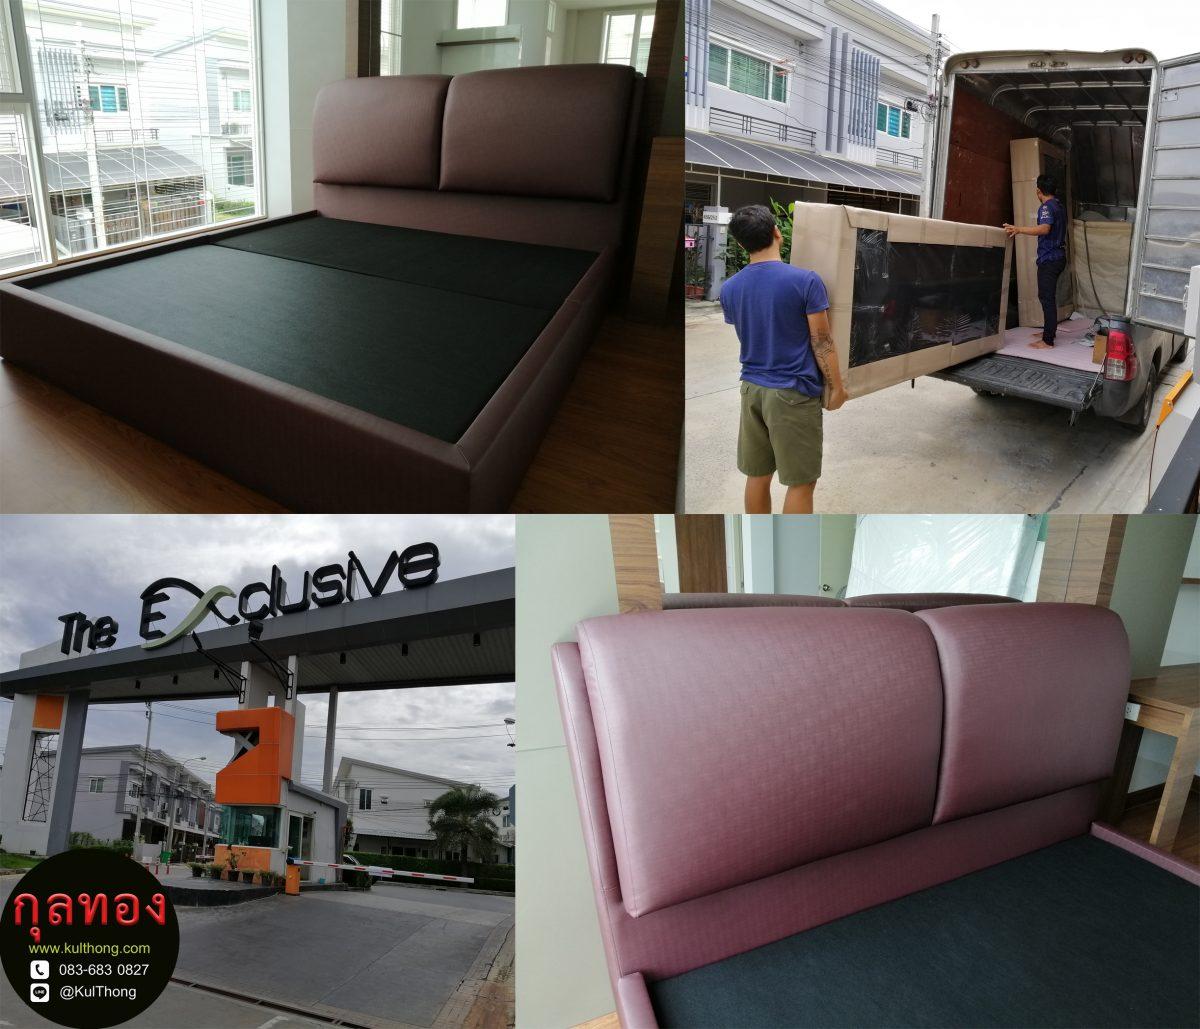 เตียงหุ้มหนัง เตียงบุหัวนวม ฐานรองที่นอน ลูกค้า The Exclusive